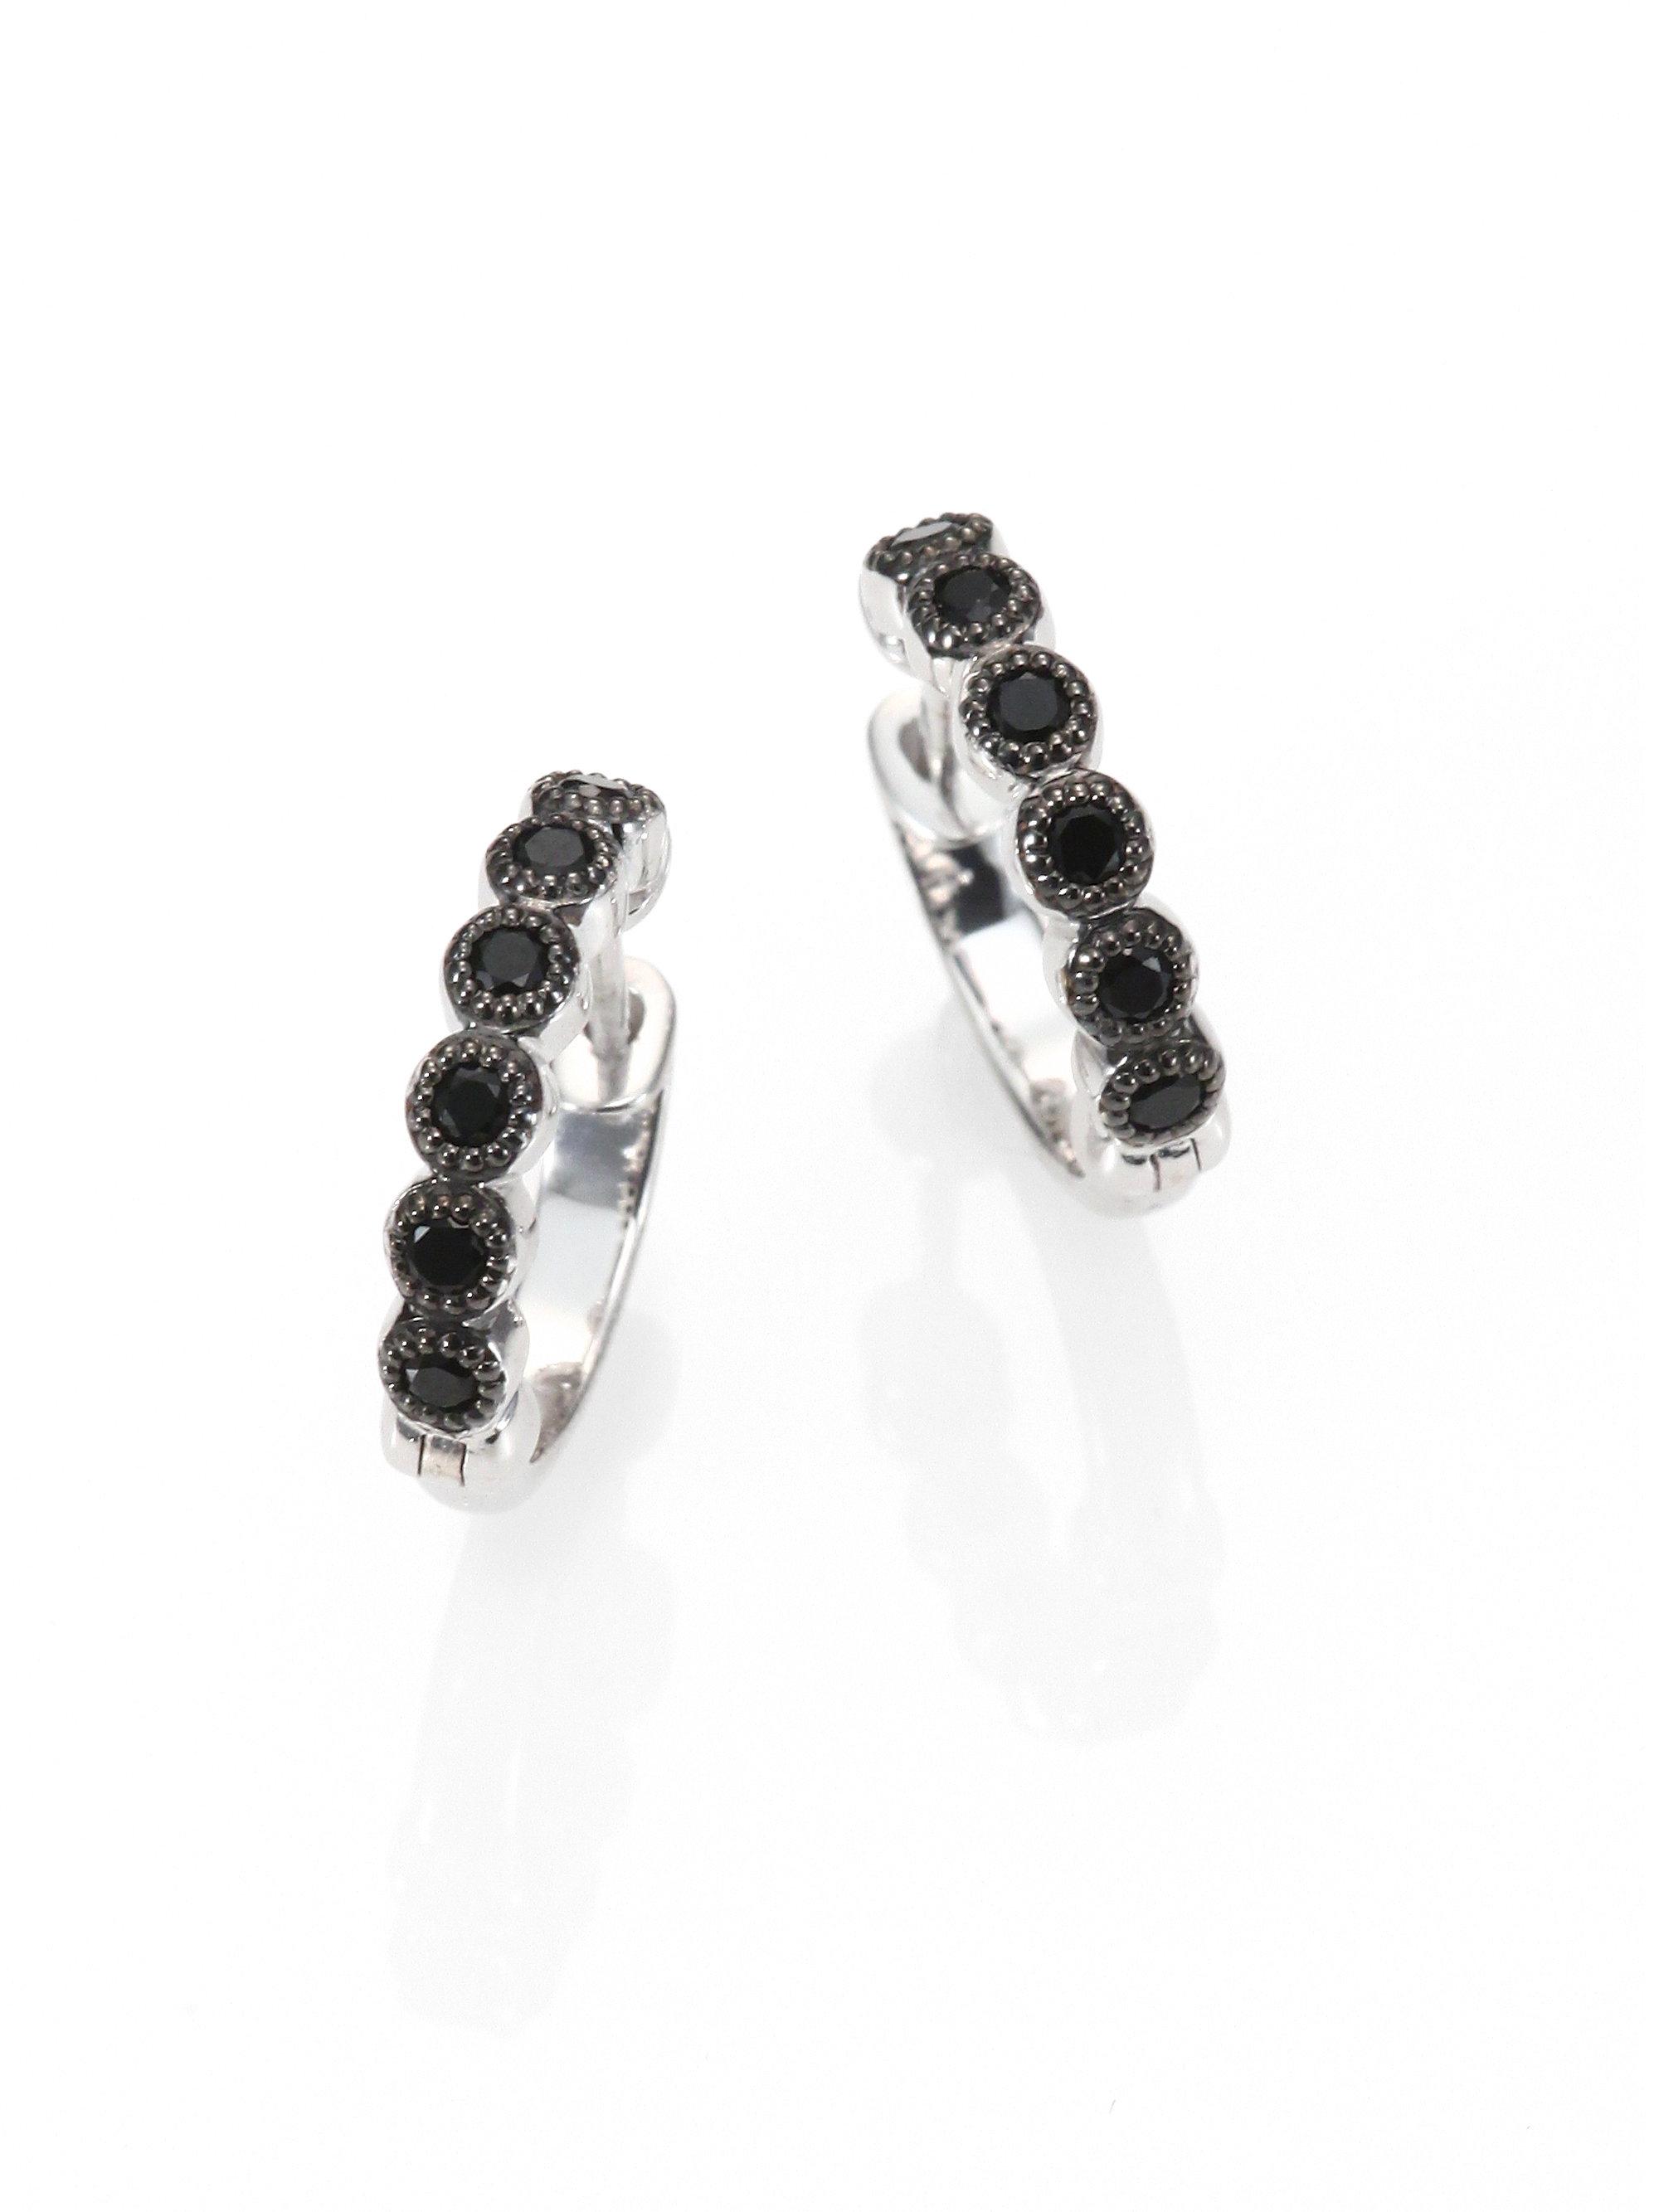 Lyst Jude Frances Black Spinel Sterling Silver Hoop Earrings 0 5